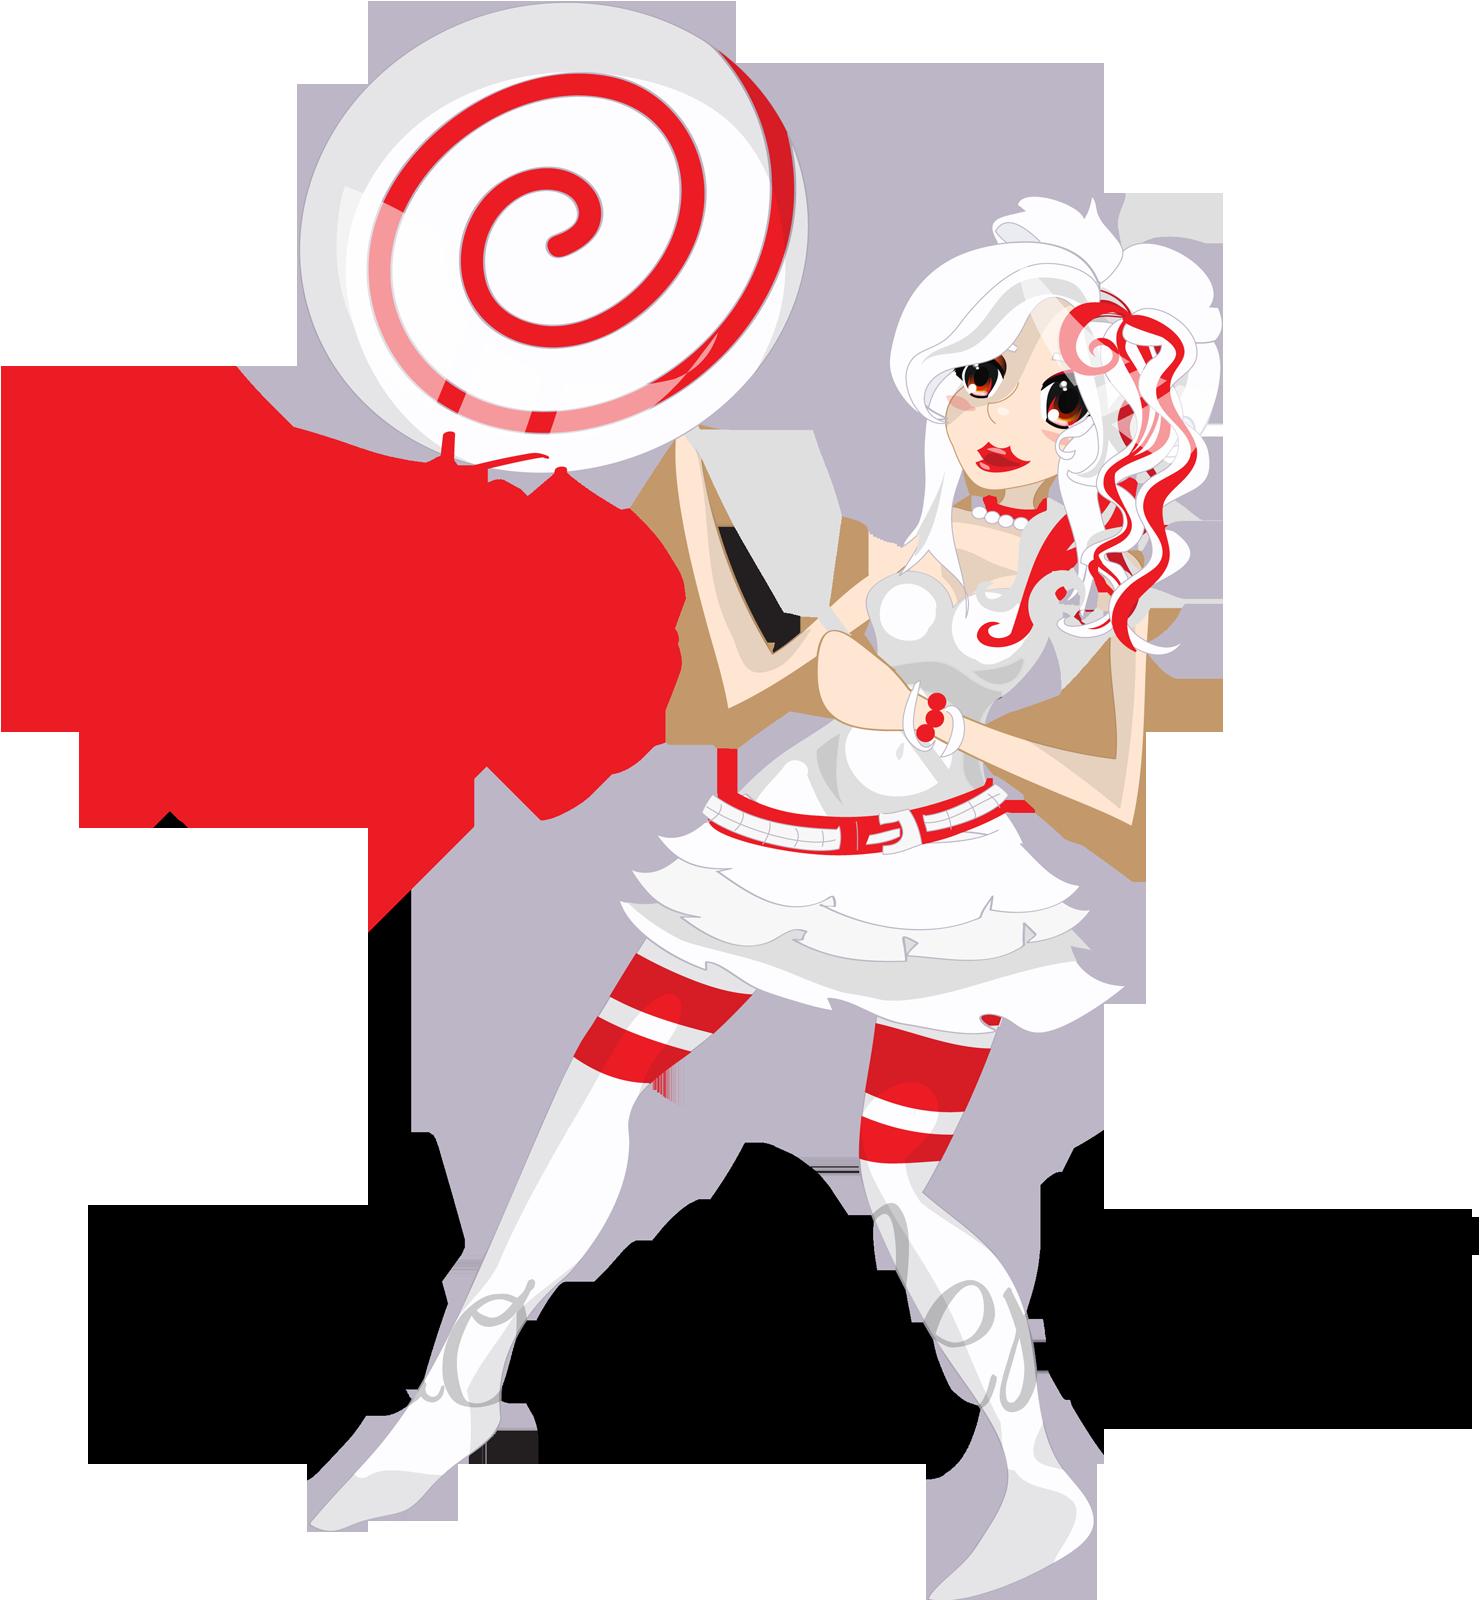 Ooh! Minty!